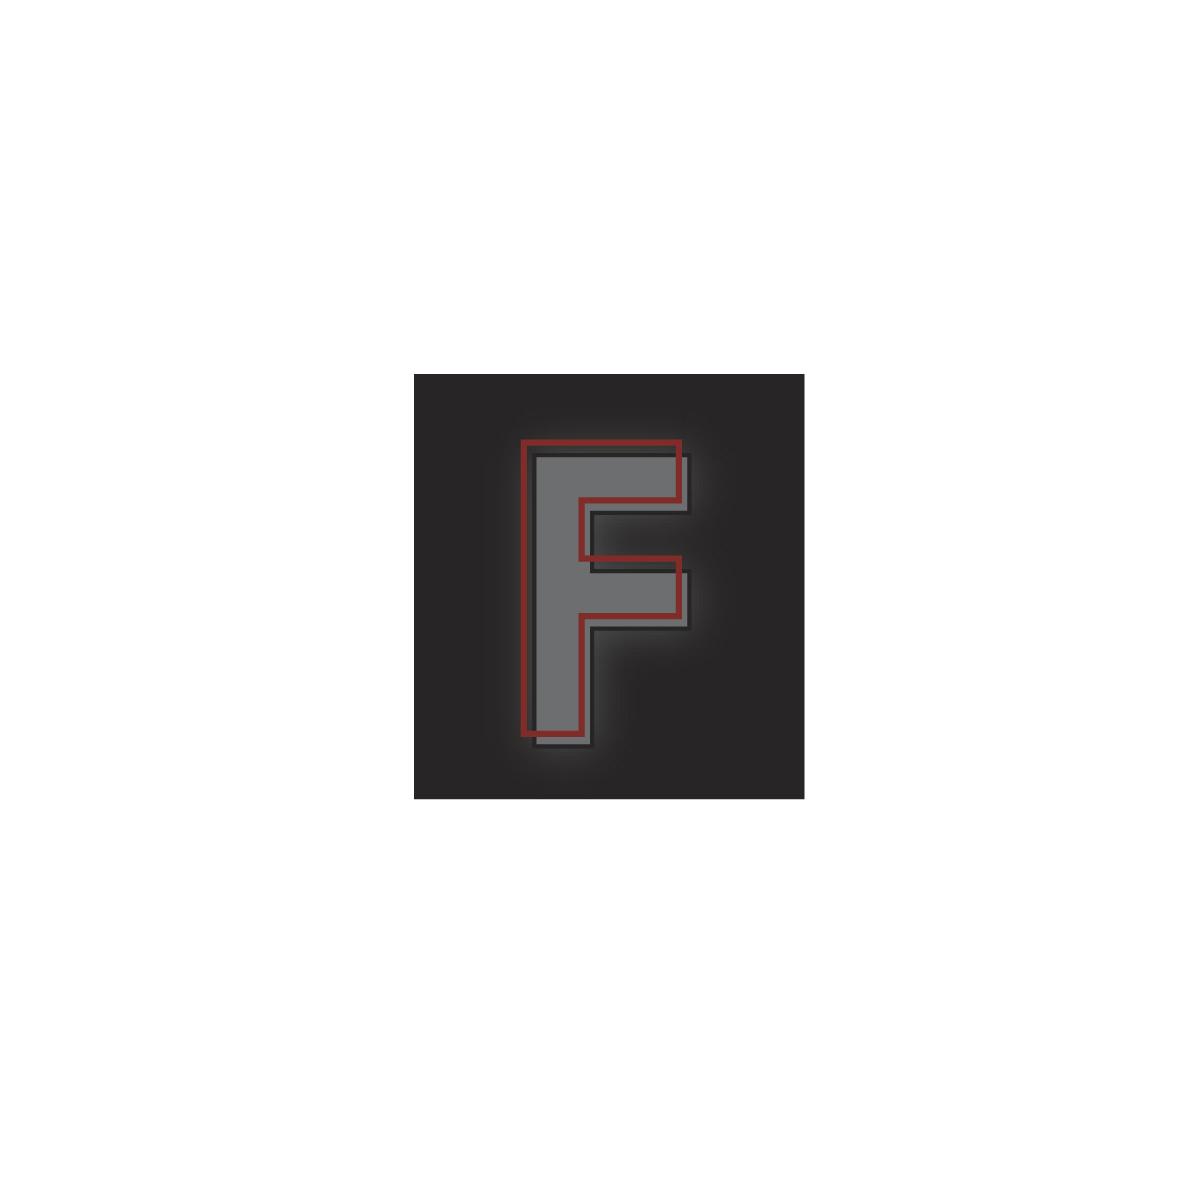 FF F variation 1.jpg